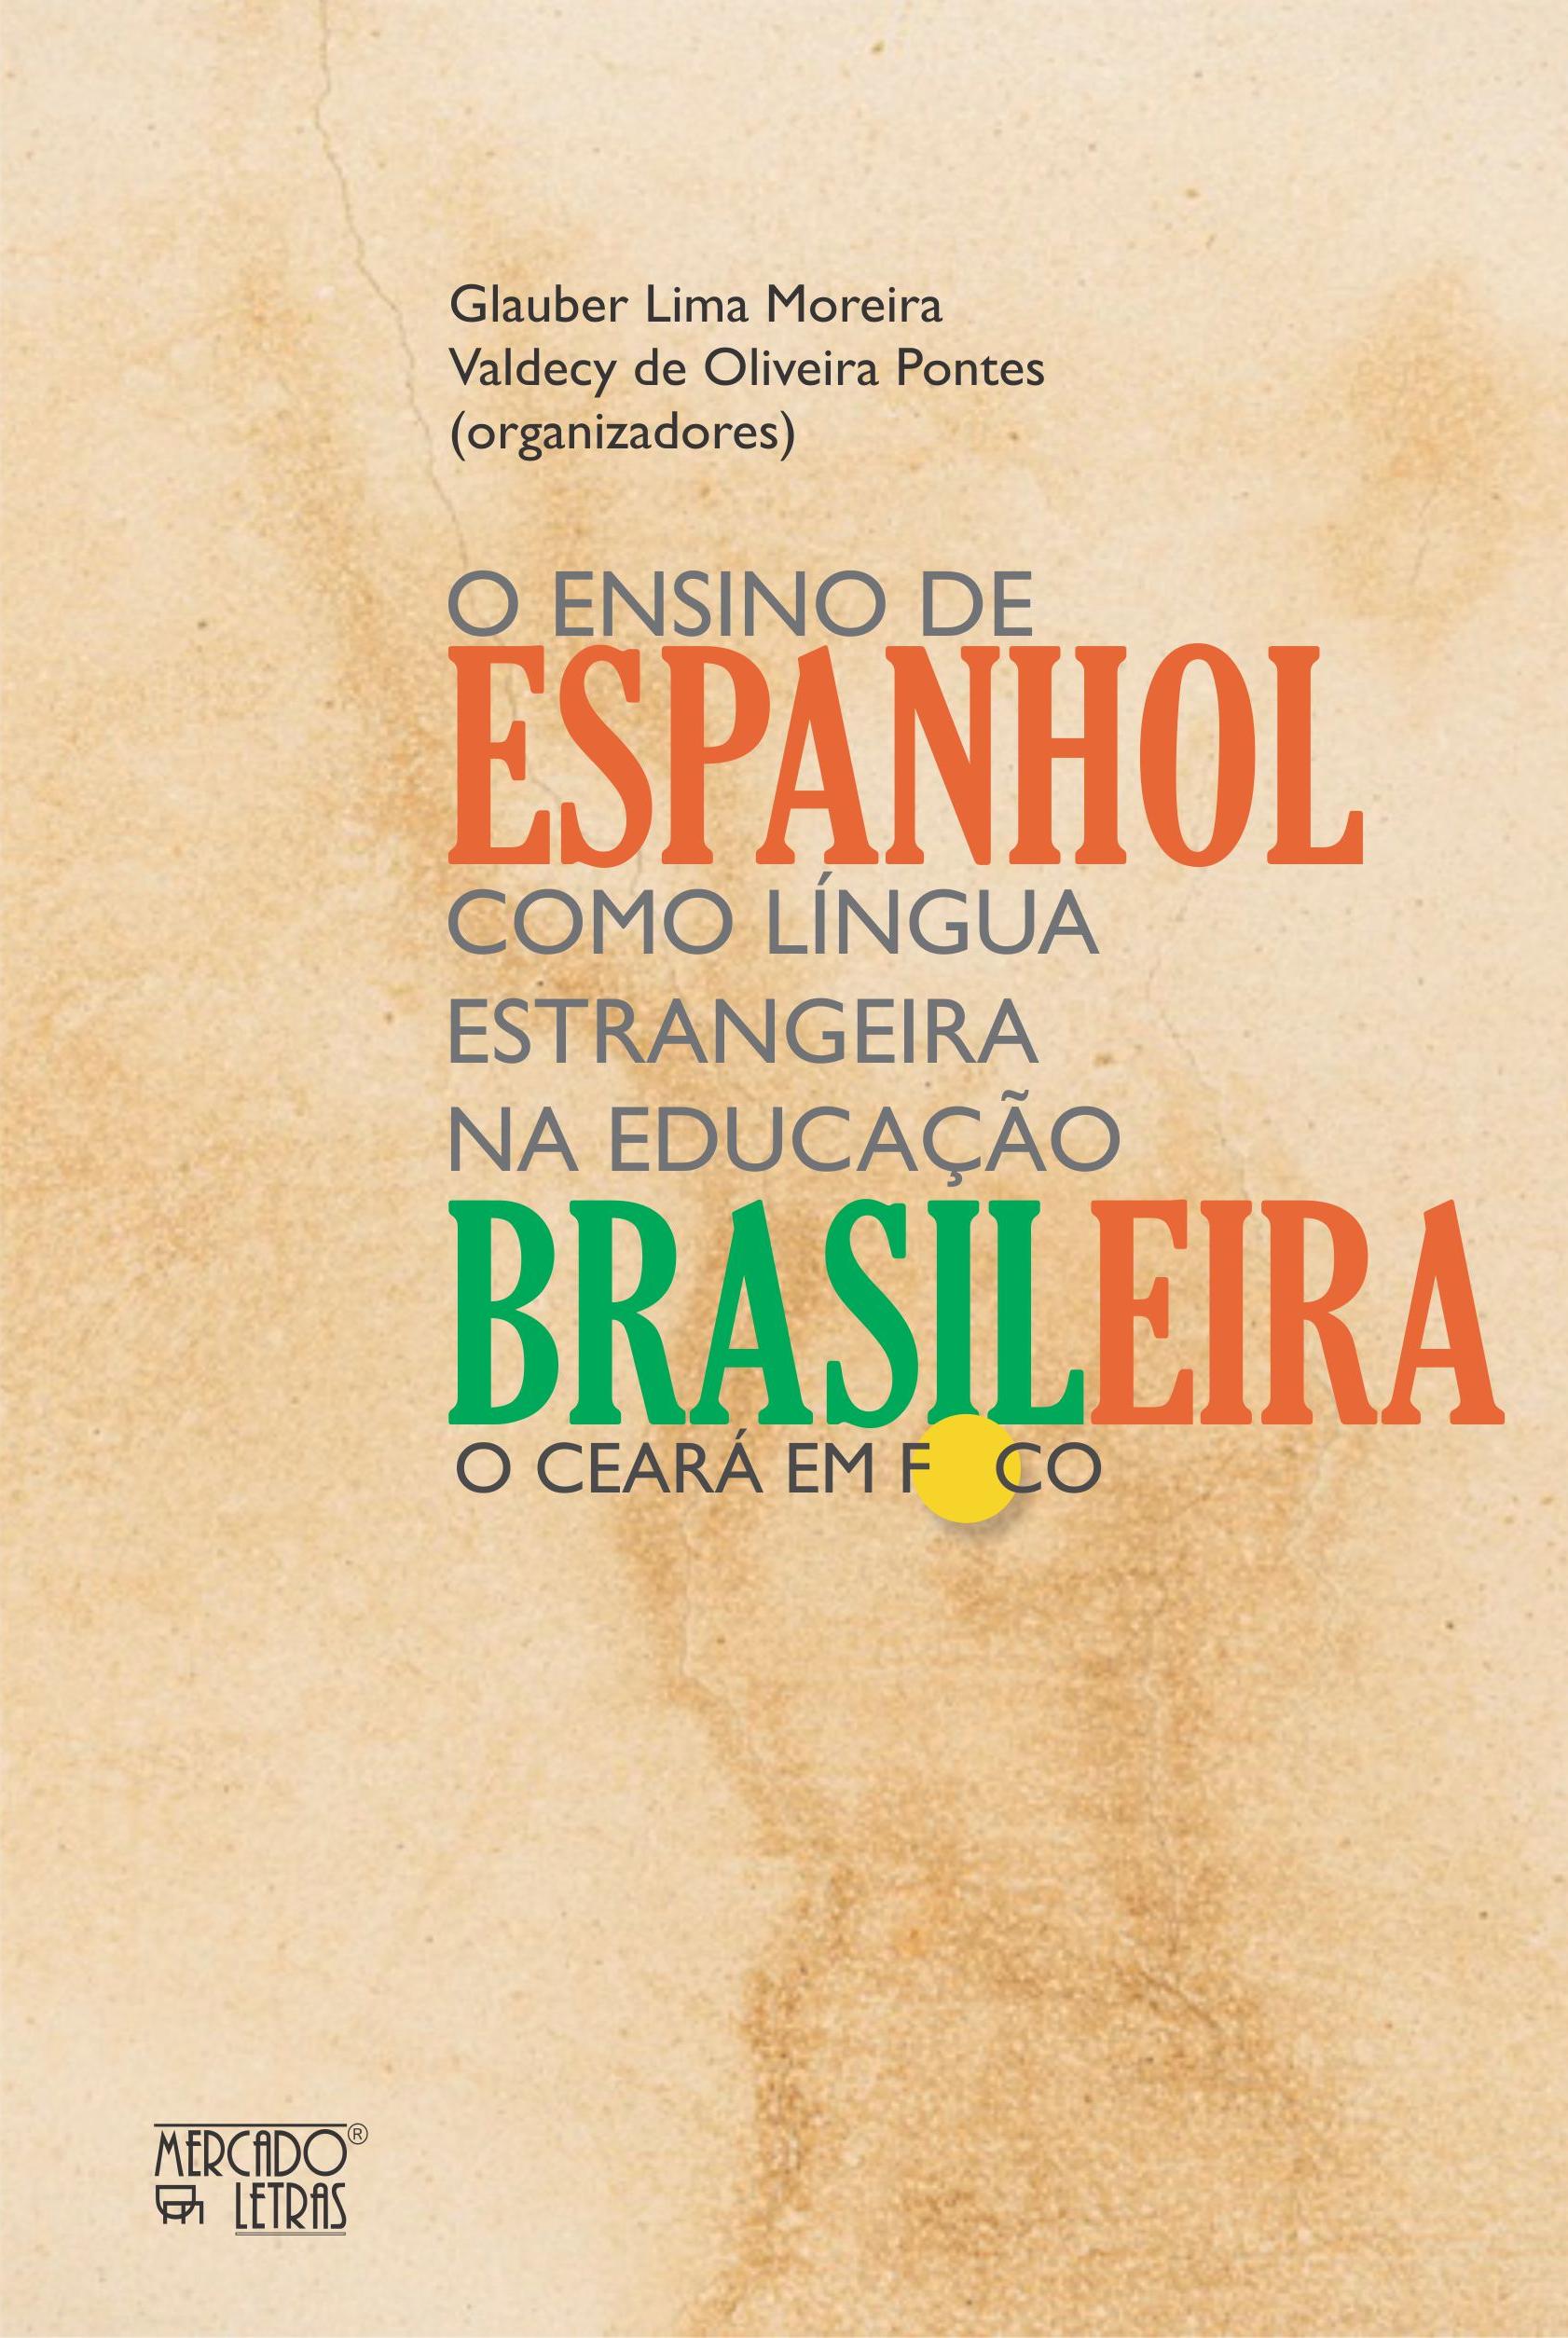 O ensino de espanhol como língua estrangeira na educação brasileira. O Ceará em foco, livro de Glauber Lima Moreira, Valdecy de Oliveira Pontes